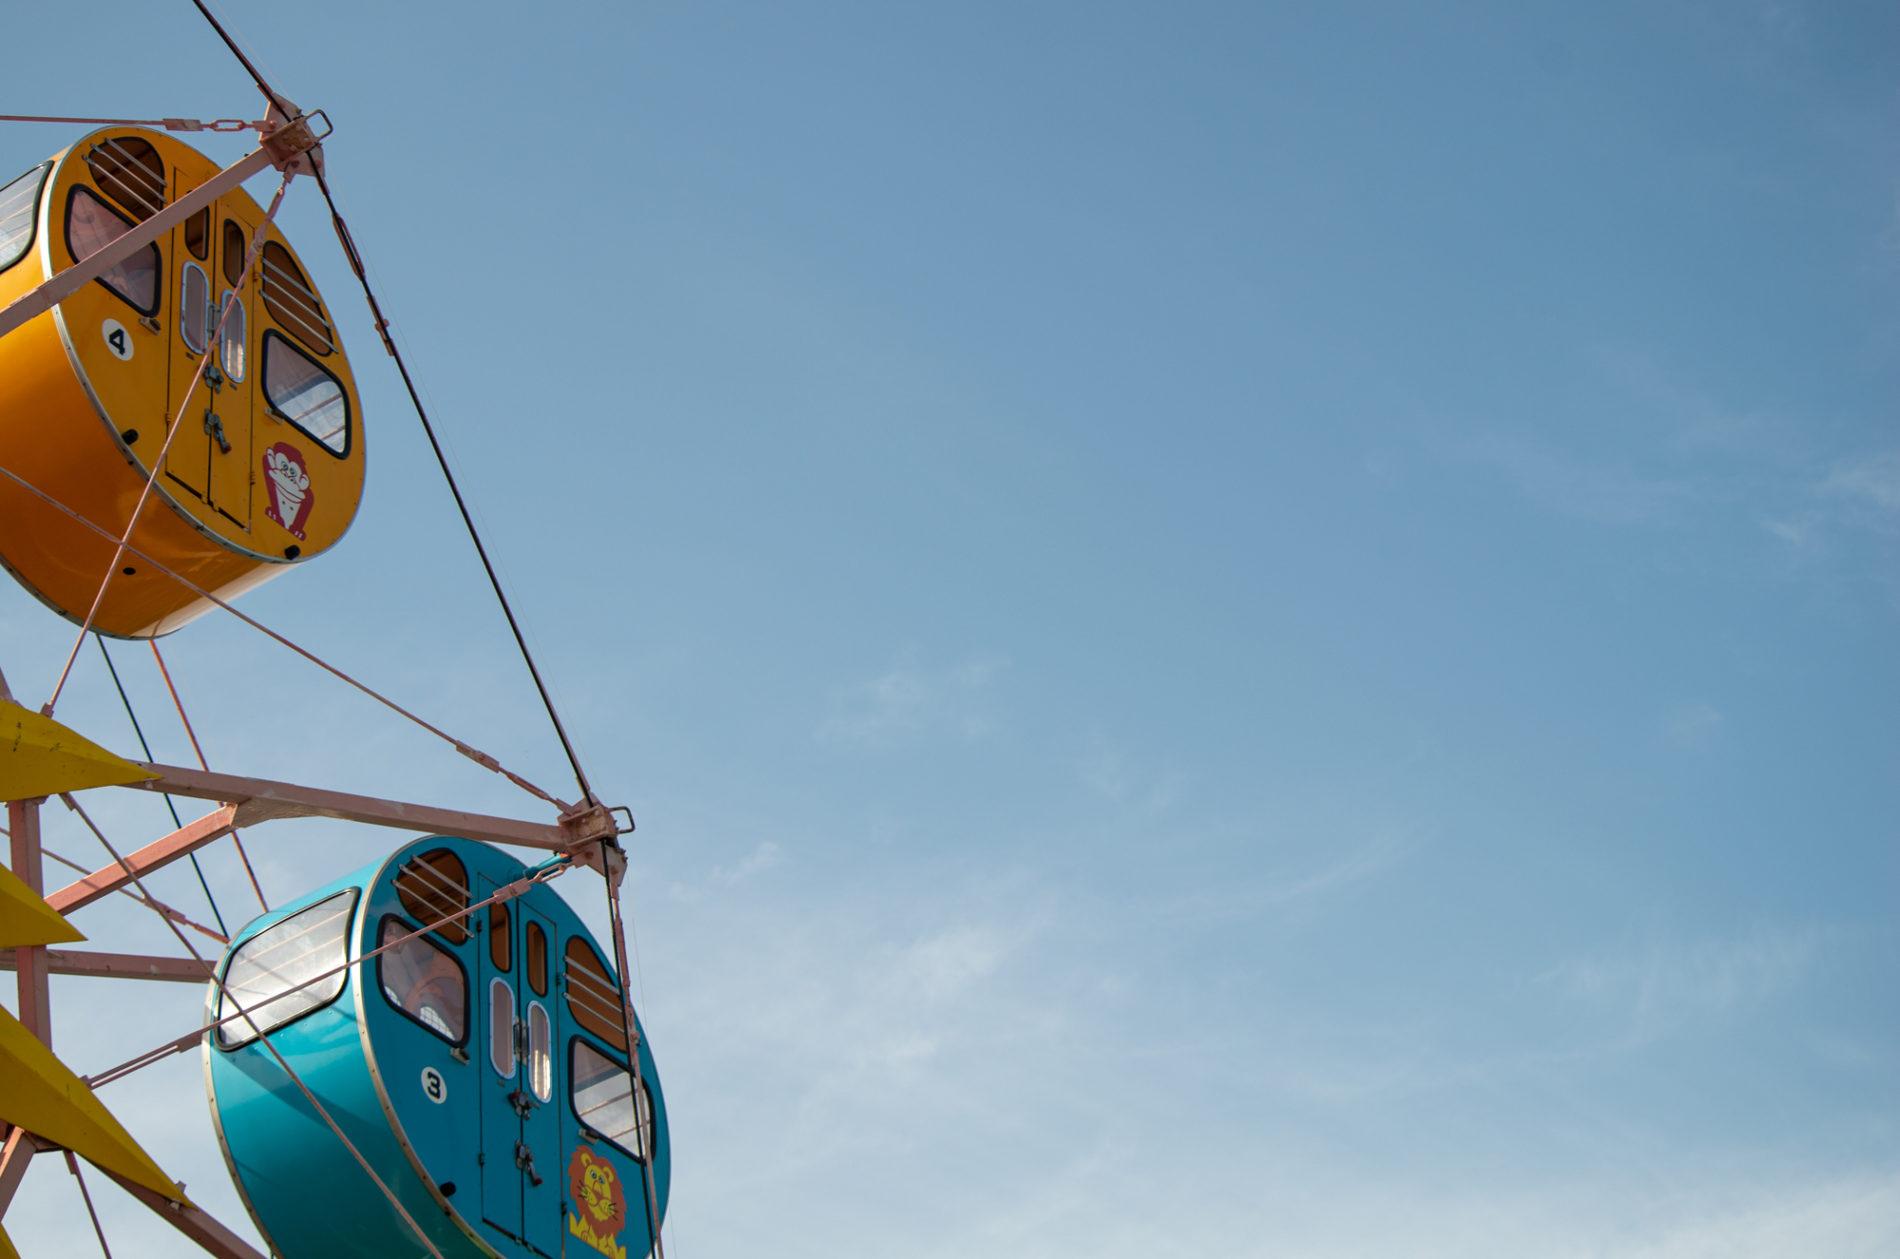 観覧車と空の写真、青色、無料のフリー写真素材